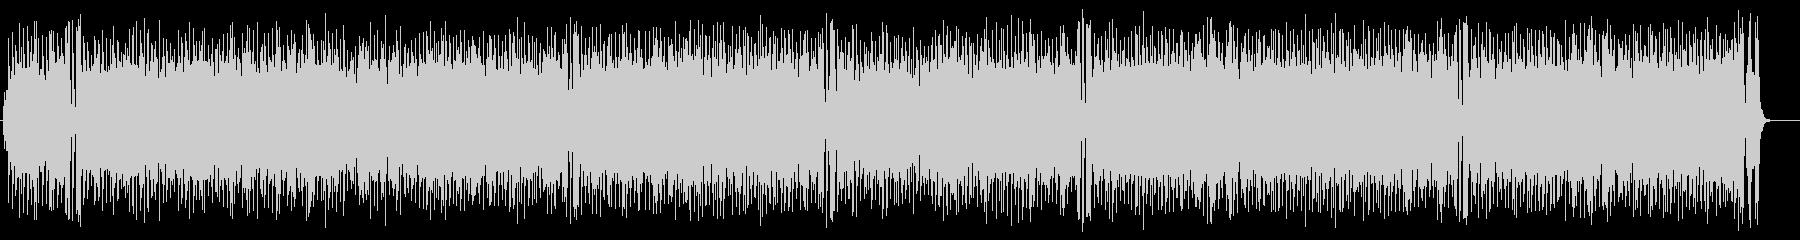 ワールド系サンバ風BGM(フルサイズ)の未再生の波形